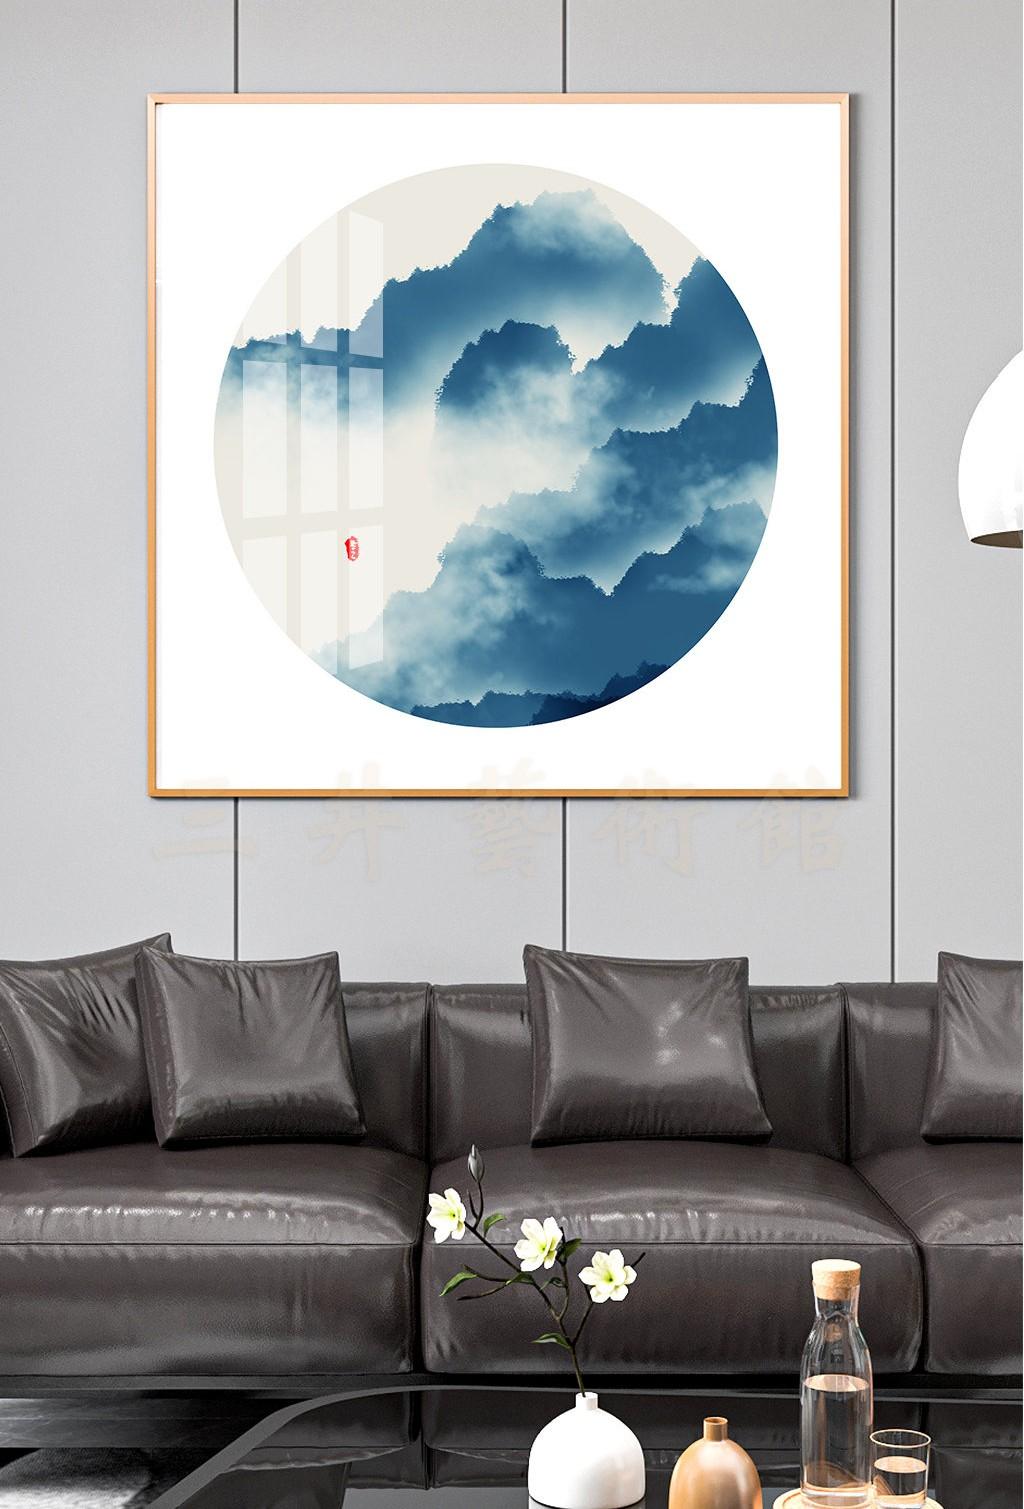 客厅装饰画